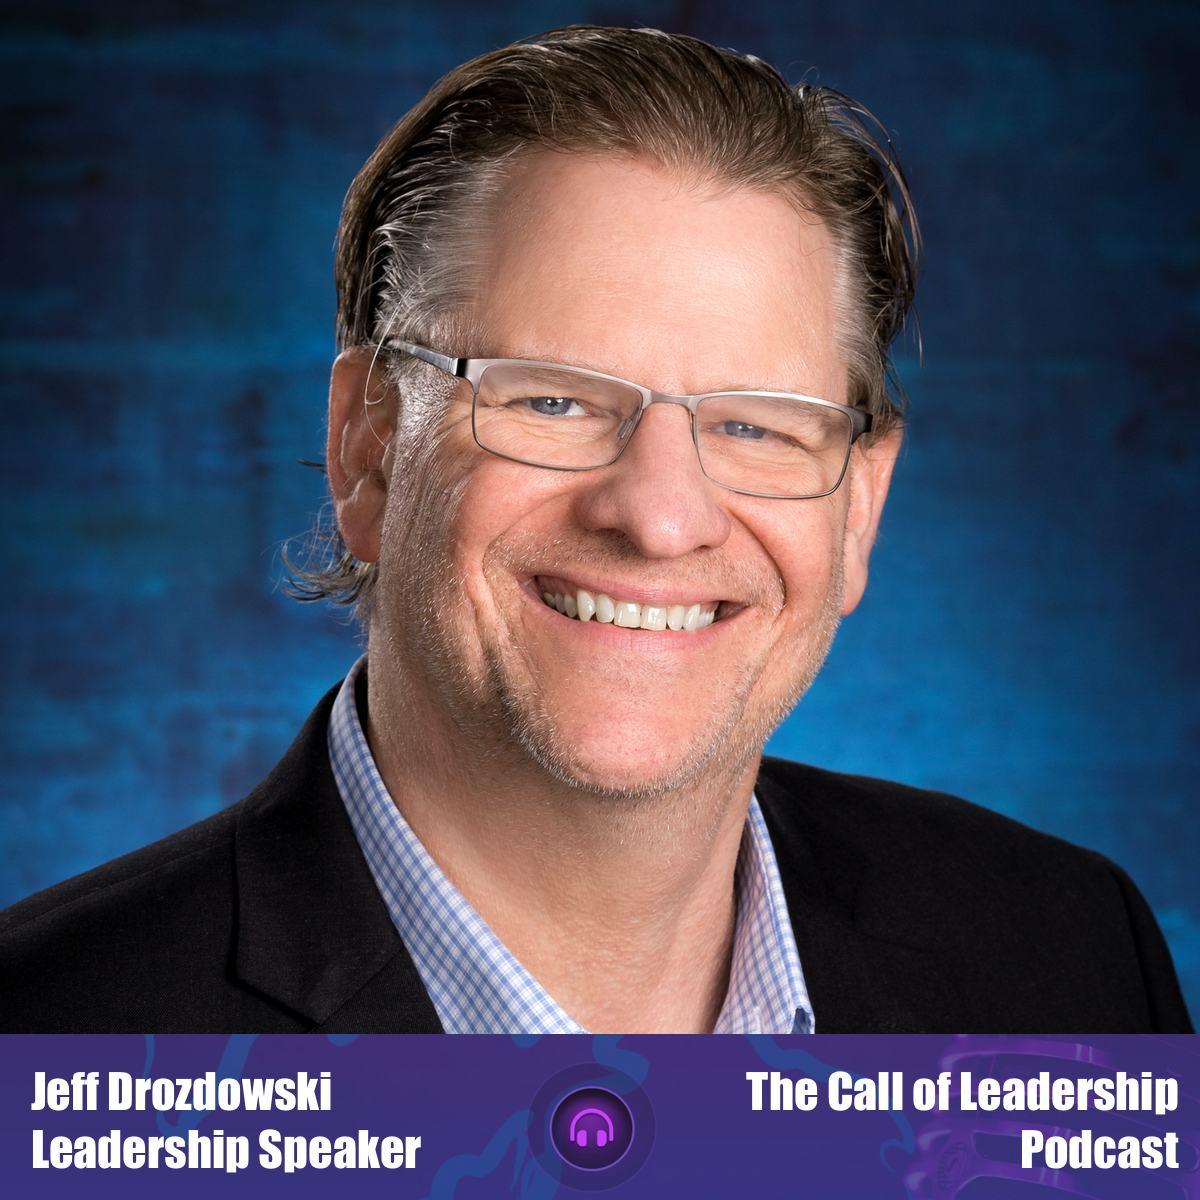 Jeff Drozdowski